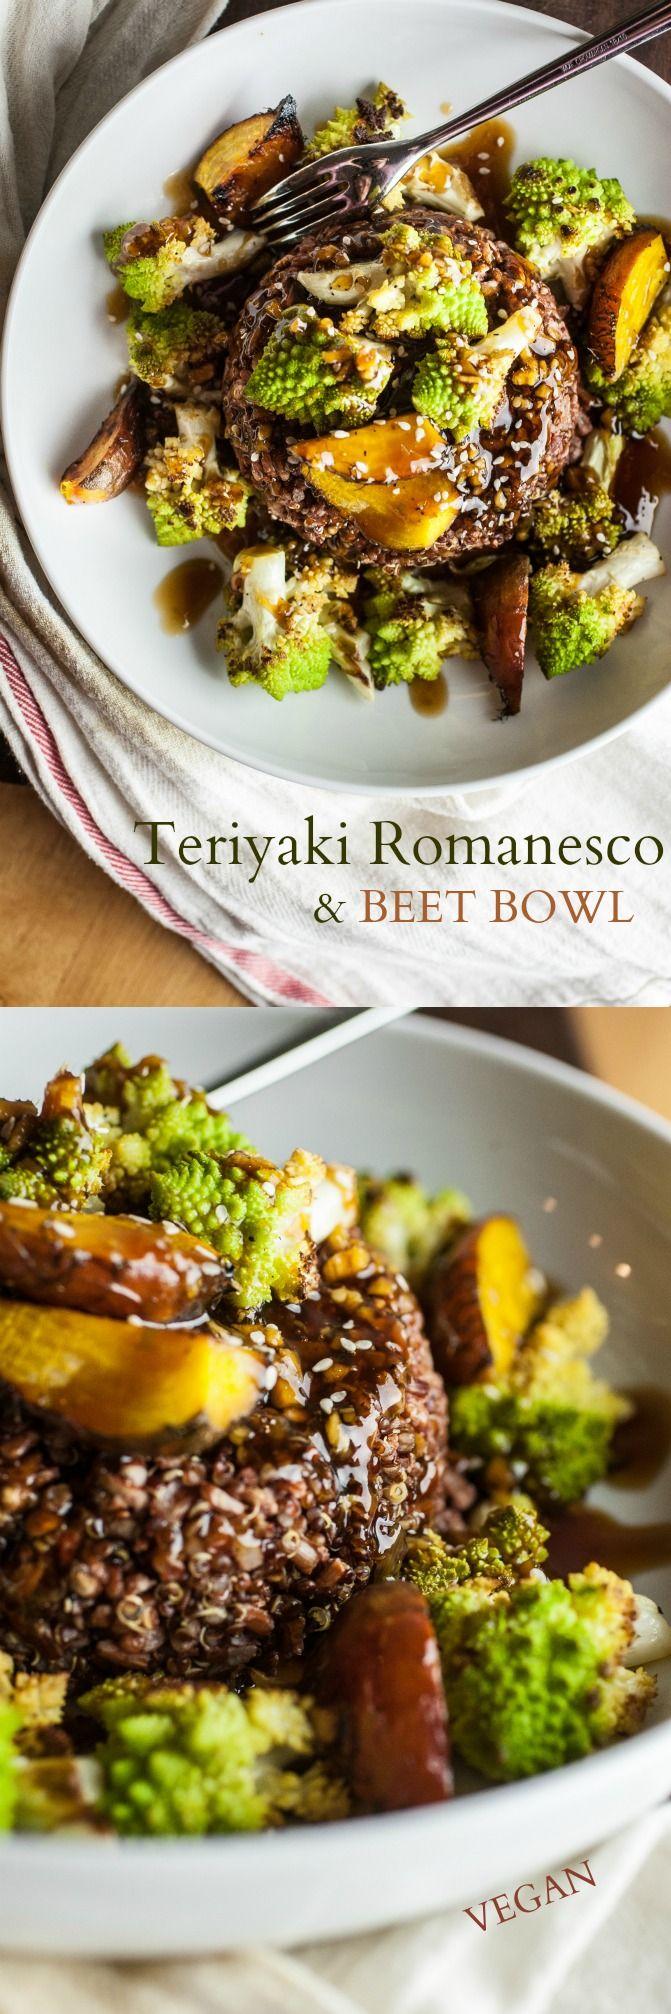 Teriyaki Romanesco und Beet Bowl - geröstete Romanesco und süßen Rüben Barsch auf einem Bett aus Reis, mit einem köstlichen Teriyaki Glasur genieselt.  Es ist süß und salzig, und im Notfall durchgeführt.